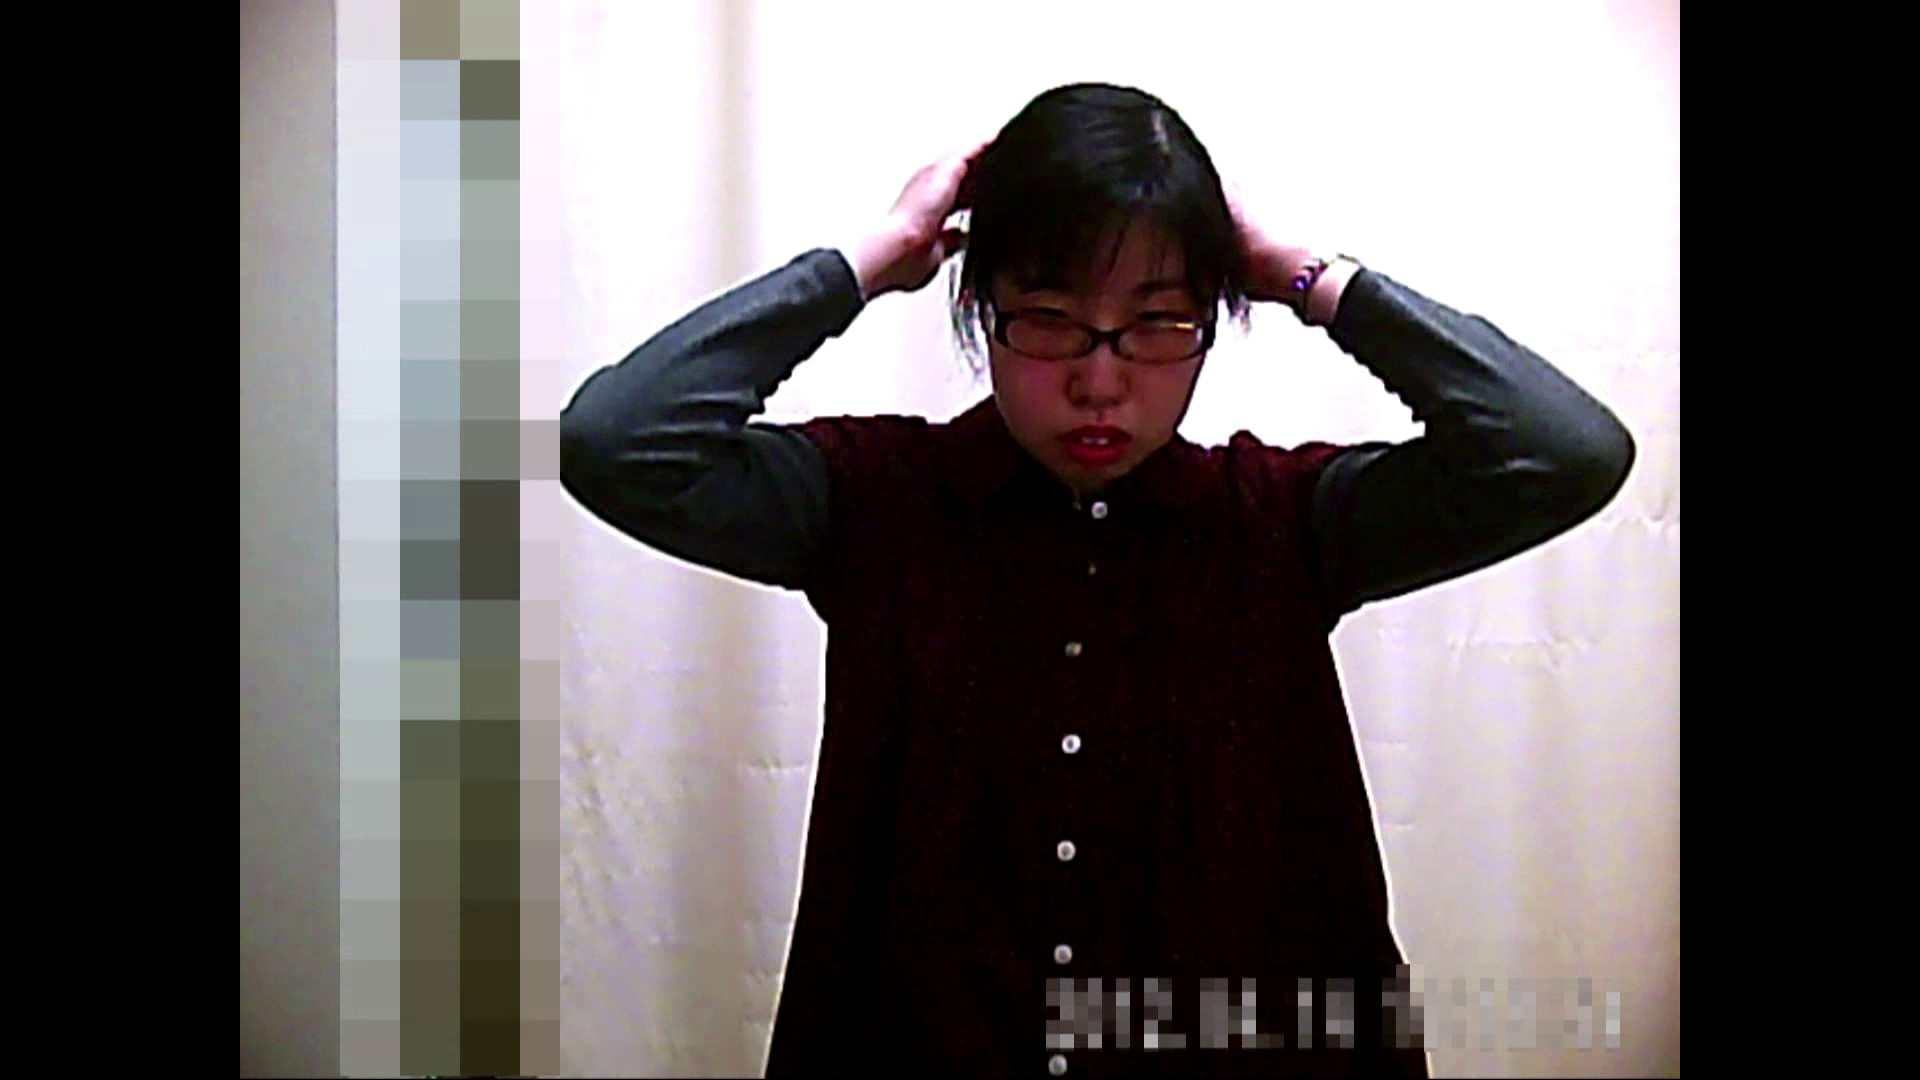 元医者による反抗 更衣室地獄絵巻 vol.018 OL | 0  60連発 17